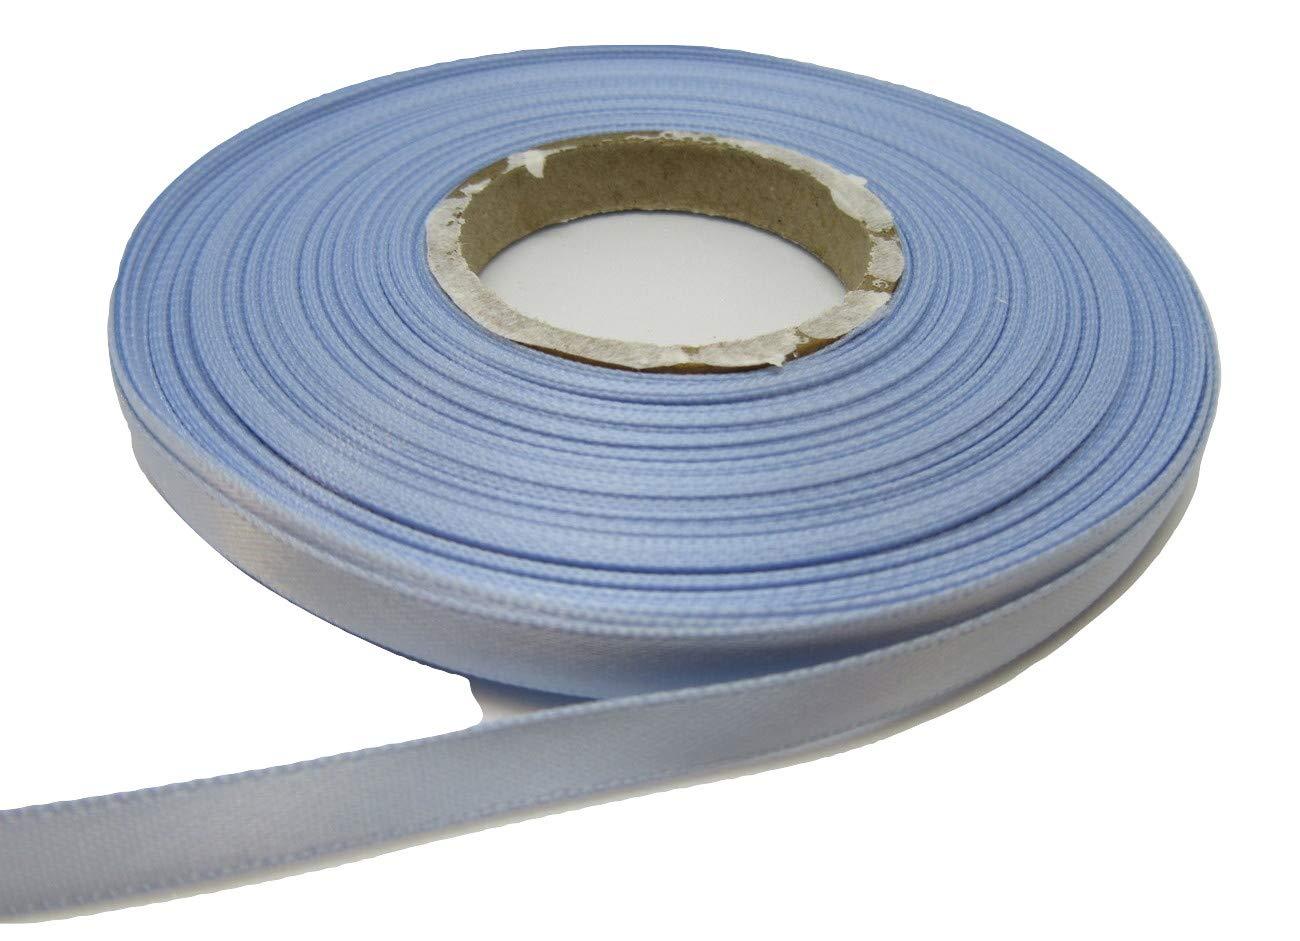 Beautiful Ribbon 2 metri di nastro di raso 7 millimetri azzurro blu doppia faccia 7 mm 7mm